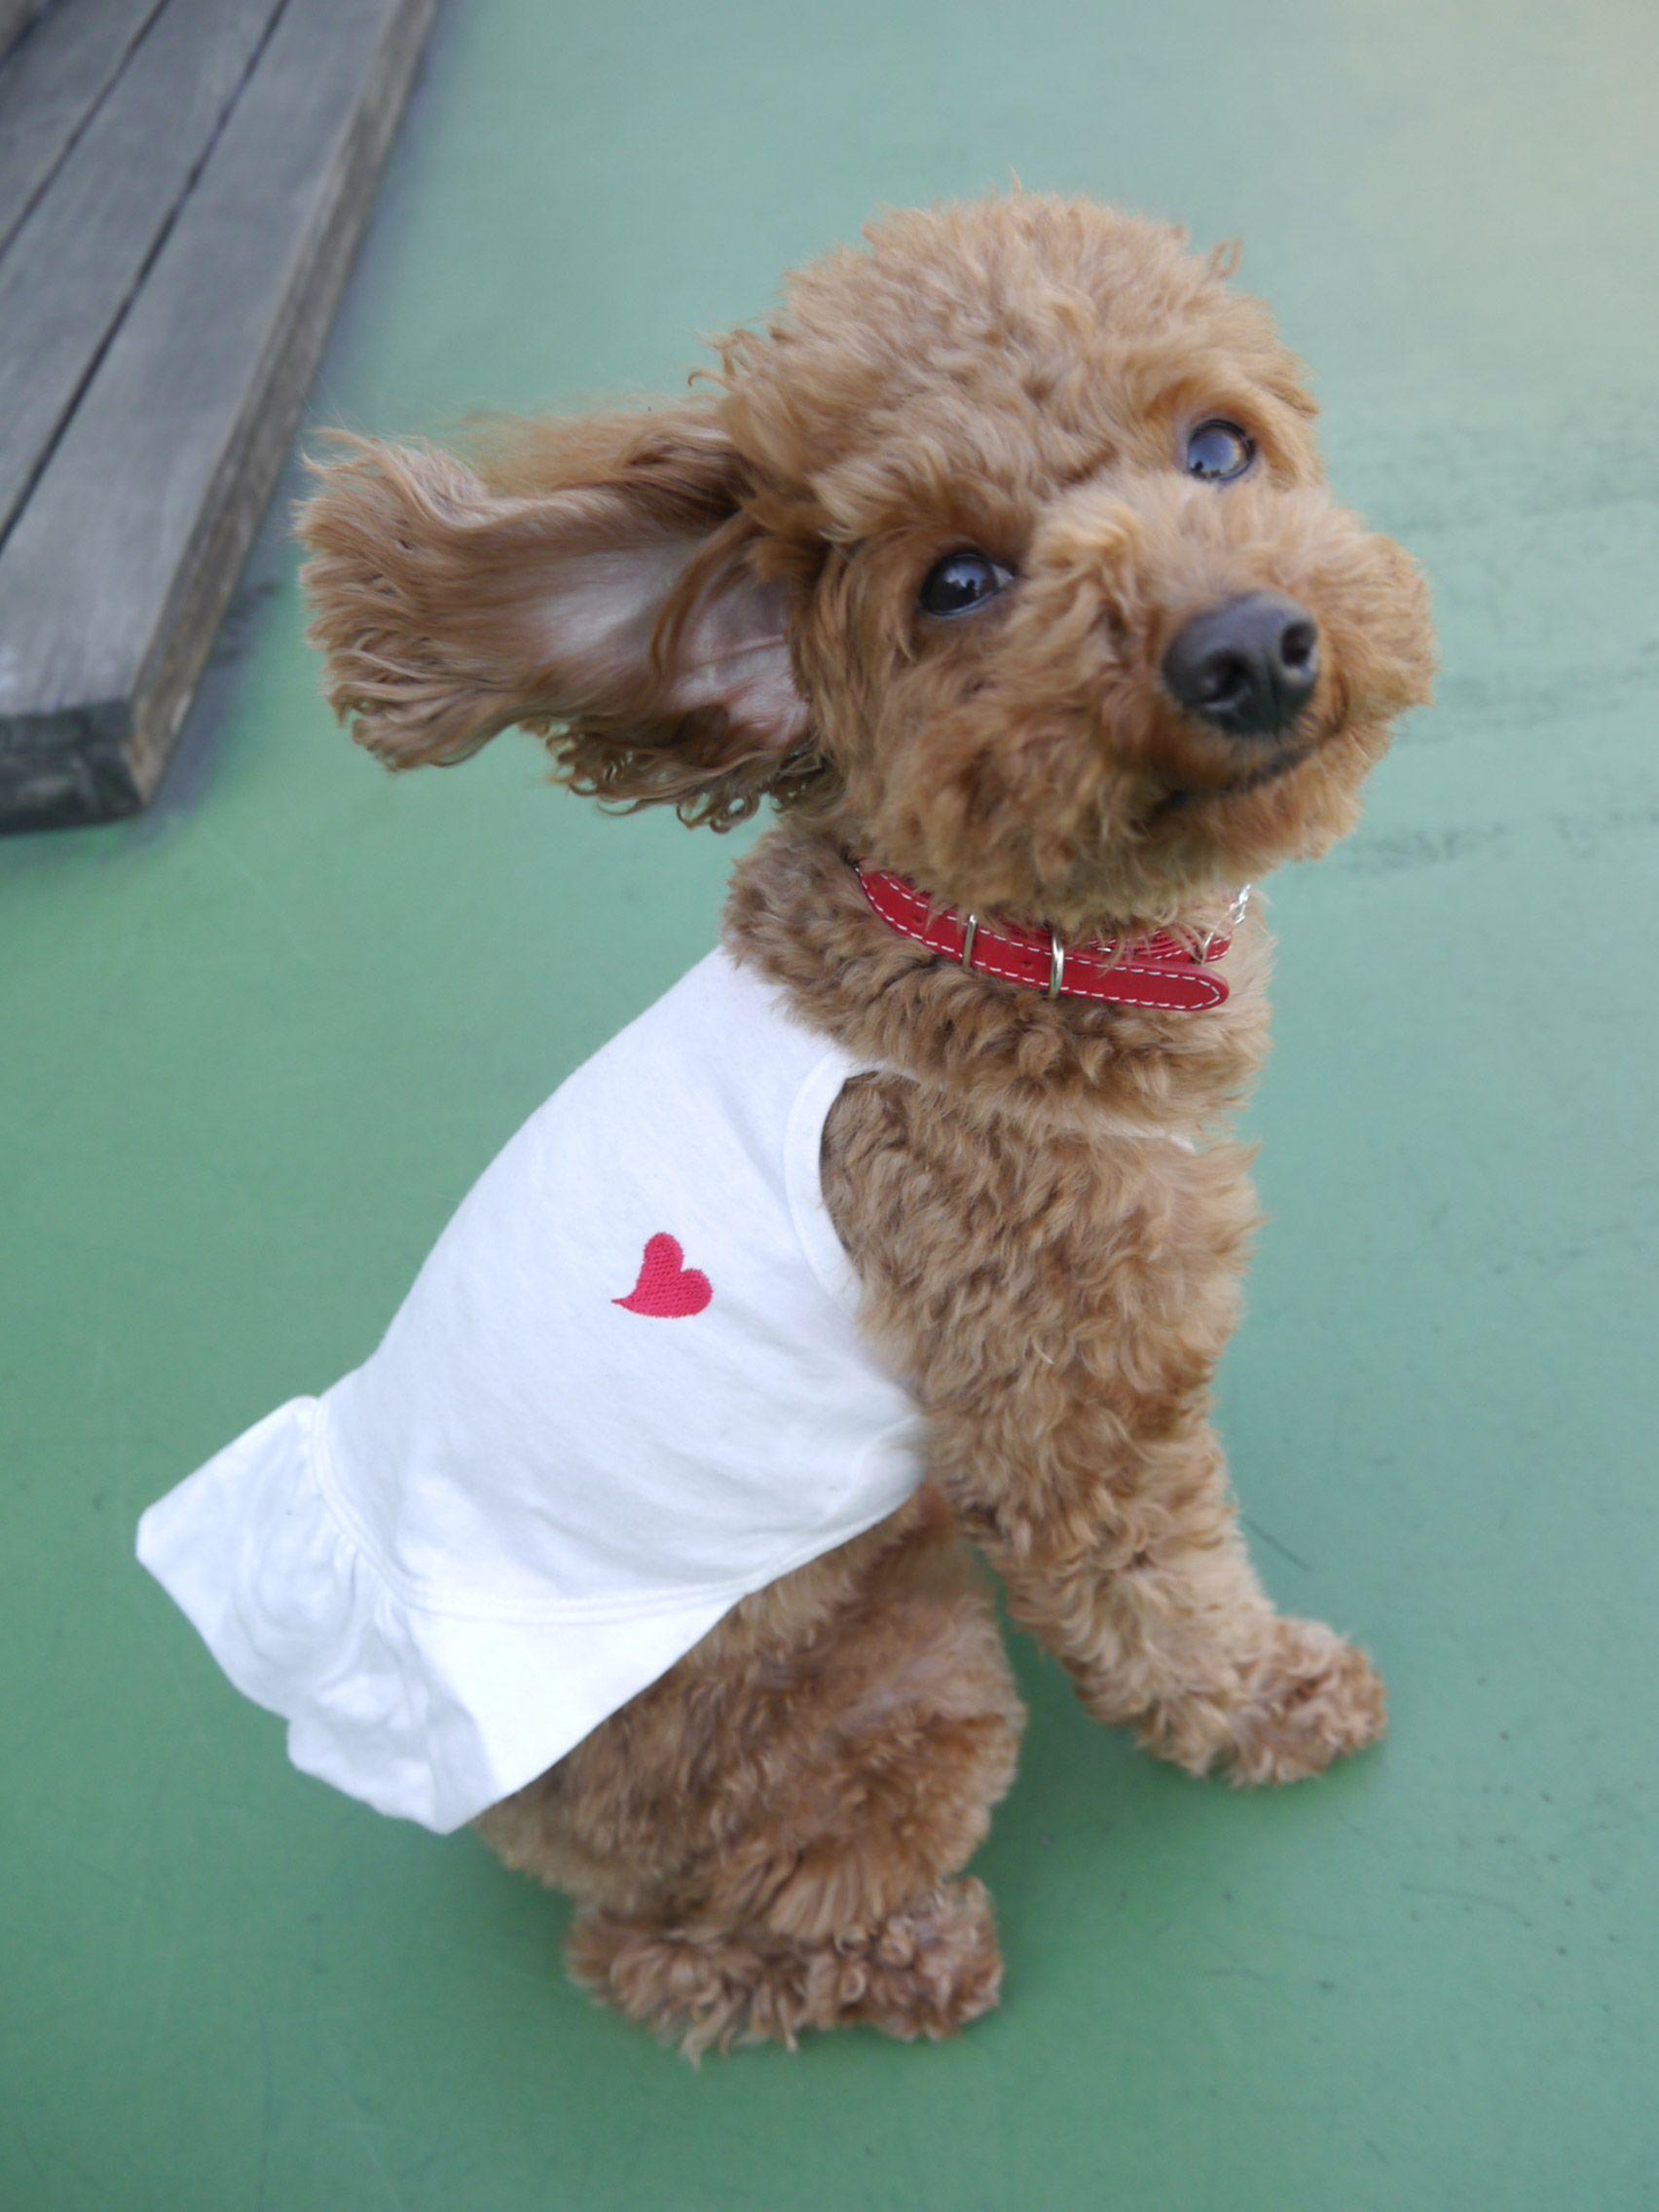 お名前 かのんちゃん 埼玉県在住 トイ プードル メス 3歳 2009年3月20日生まれ 抱っこ大好きの甘ったれ 感受性豊かでデリケート 空気を読める子です 好きな人 店員さんなどいっぱい Toy Poodle Poodle Dog Cute Dogs